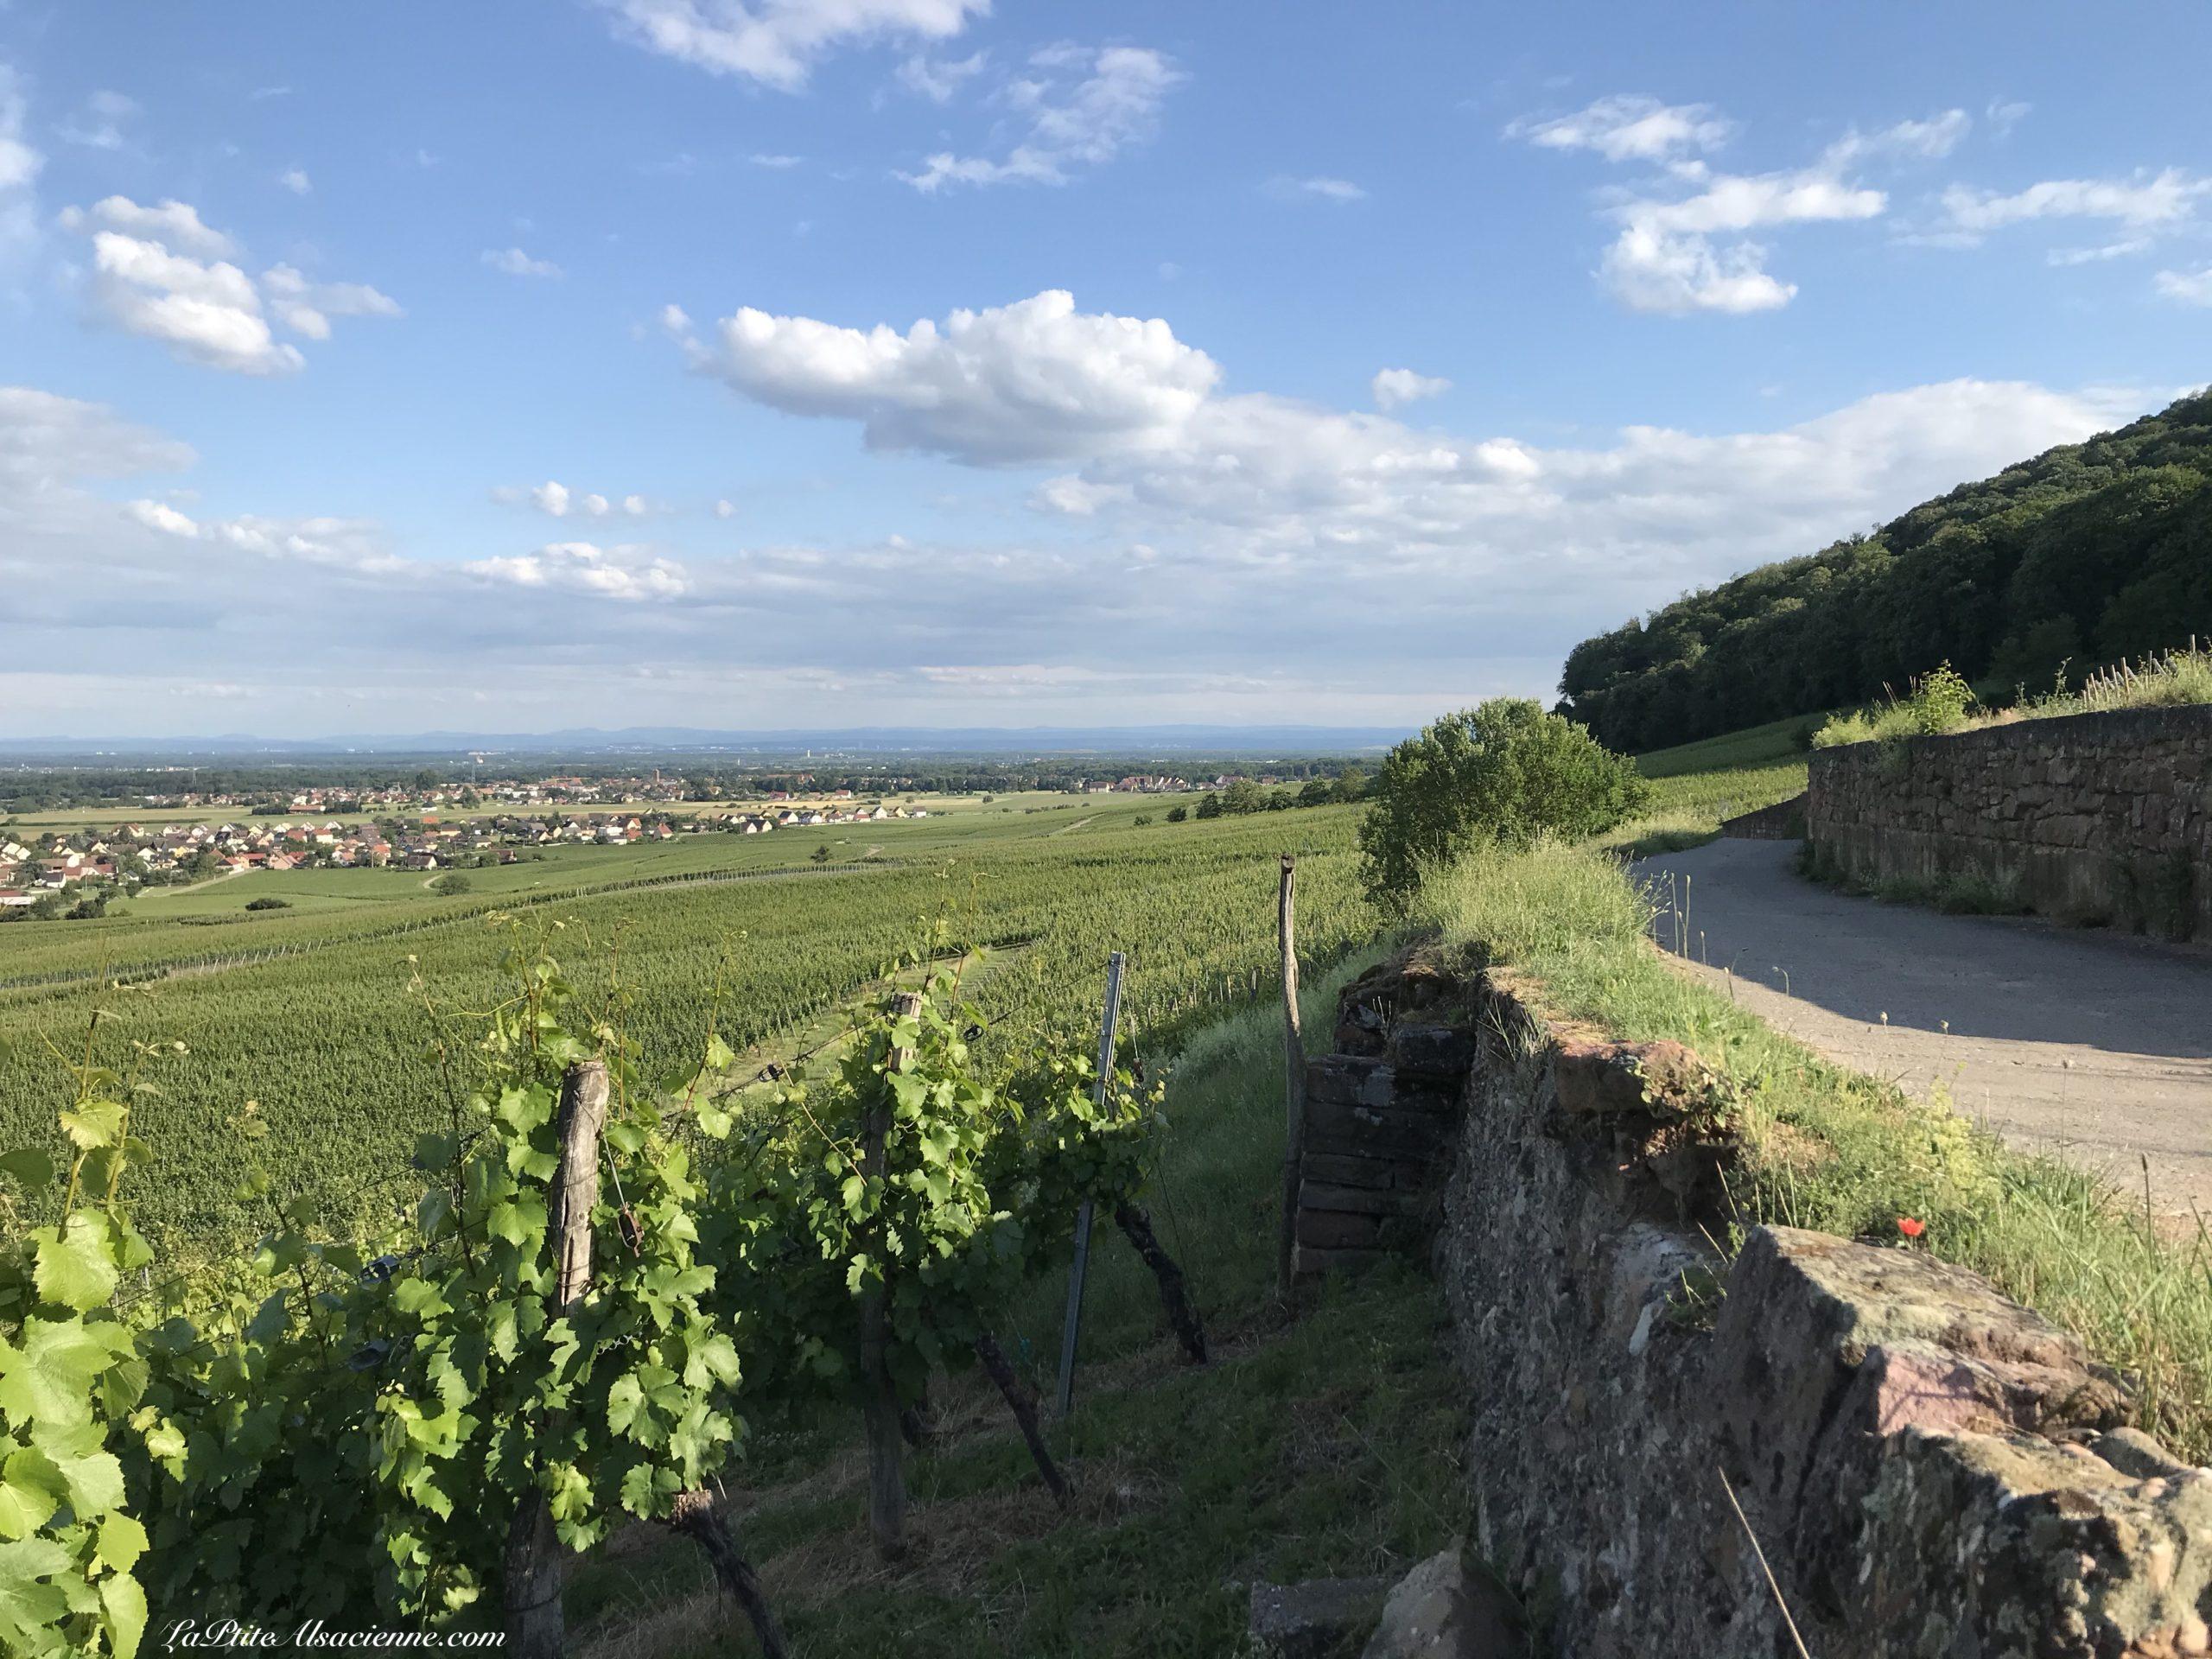 Vignoble des vins d'Alsace - Photo by Cendrine Miesch dite LaPtiteAlsacienne